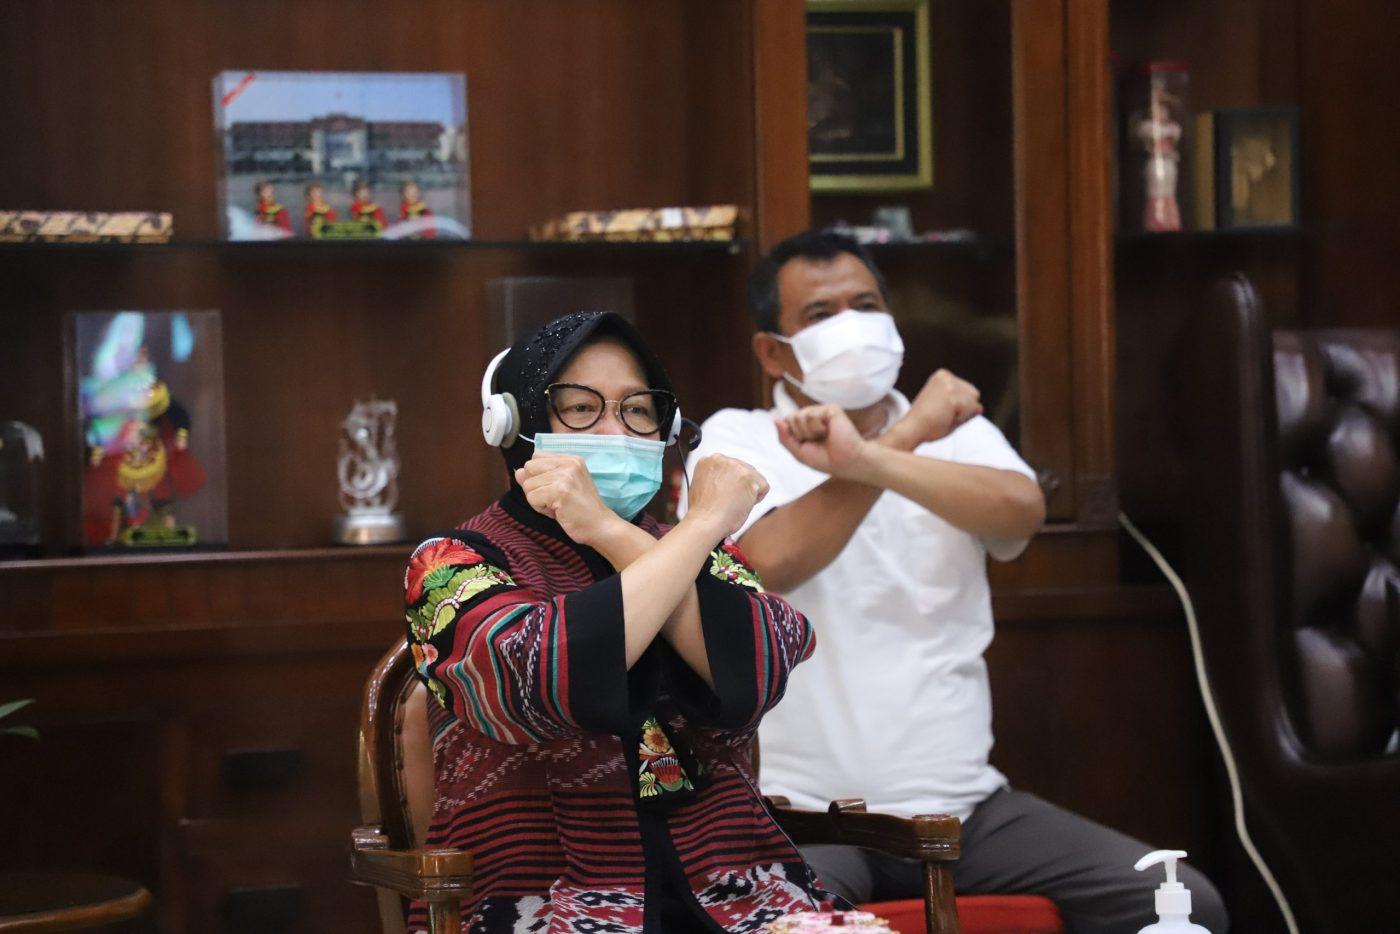 Wali Kota Suraaya Tri Rismaharini bersama Kadispendik Surabaya Soepomo saat memerikan Pembekalan kepada guru SD